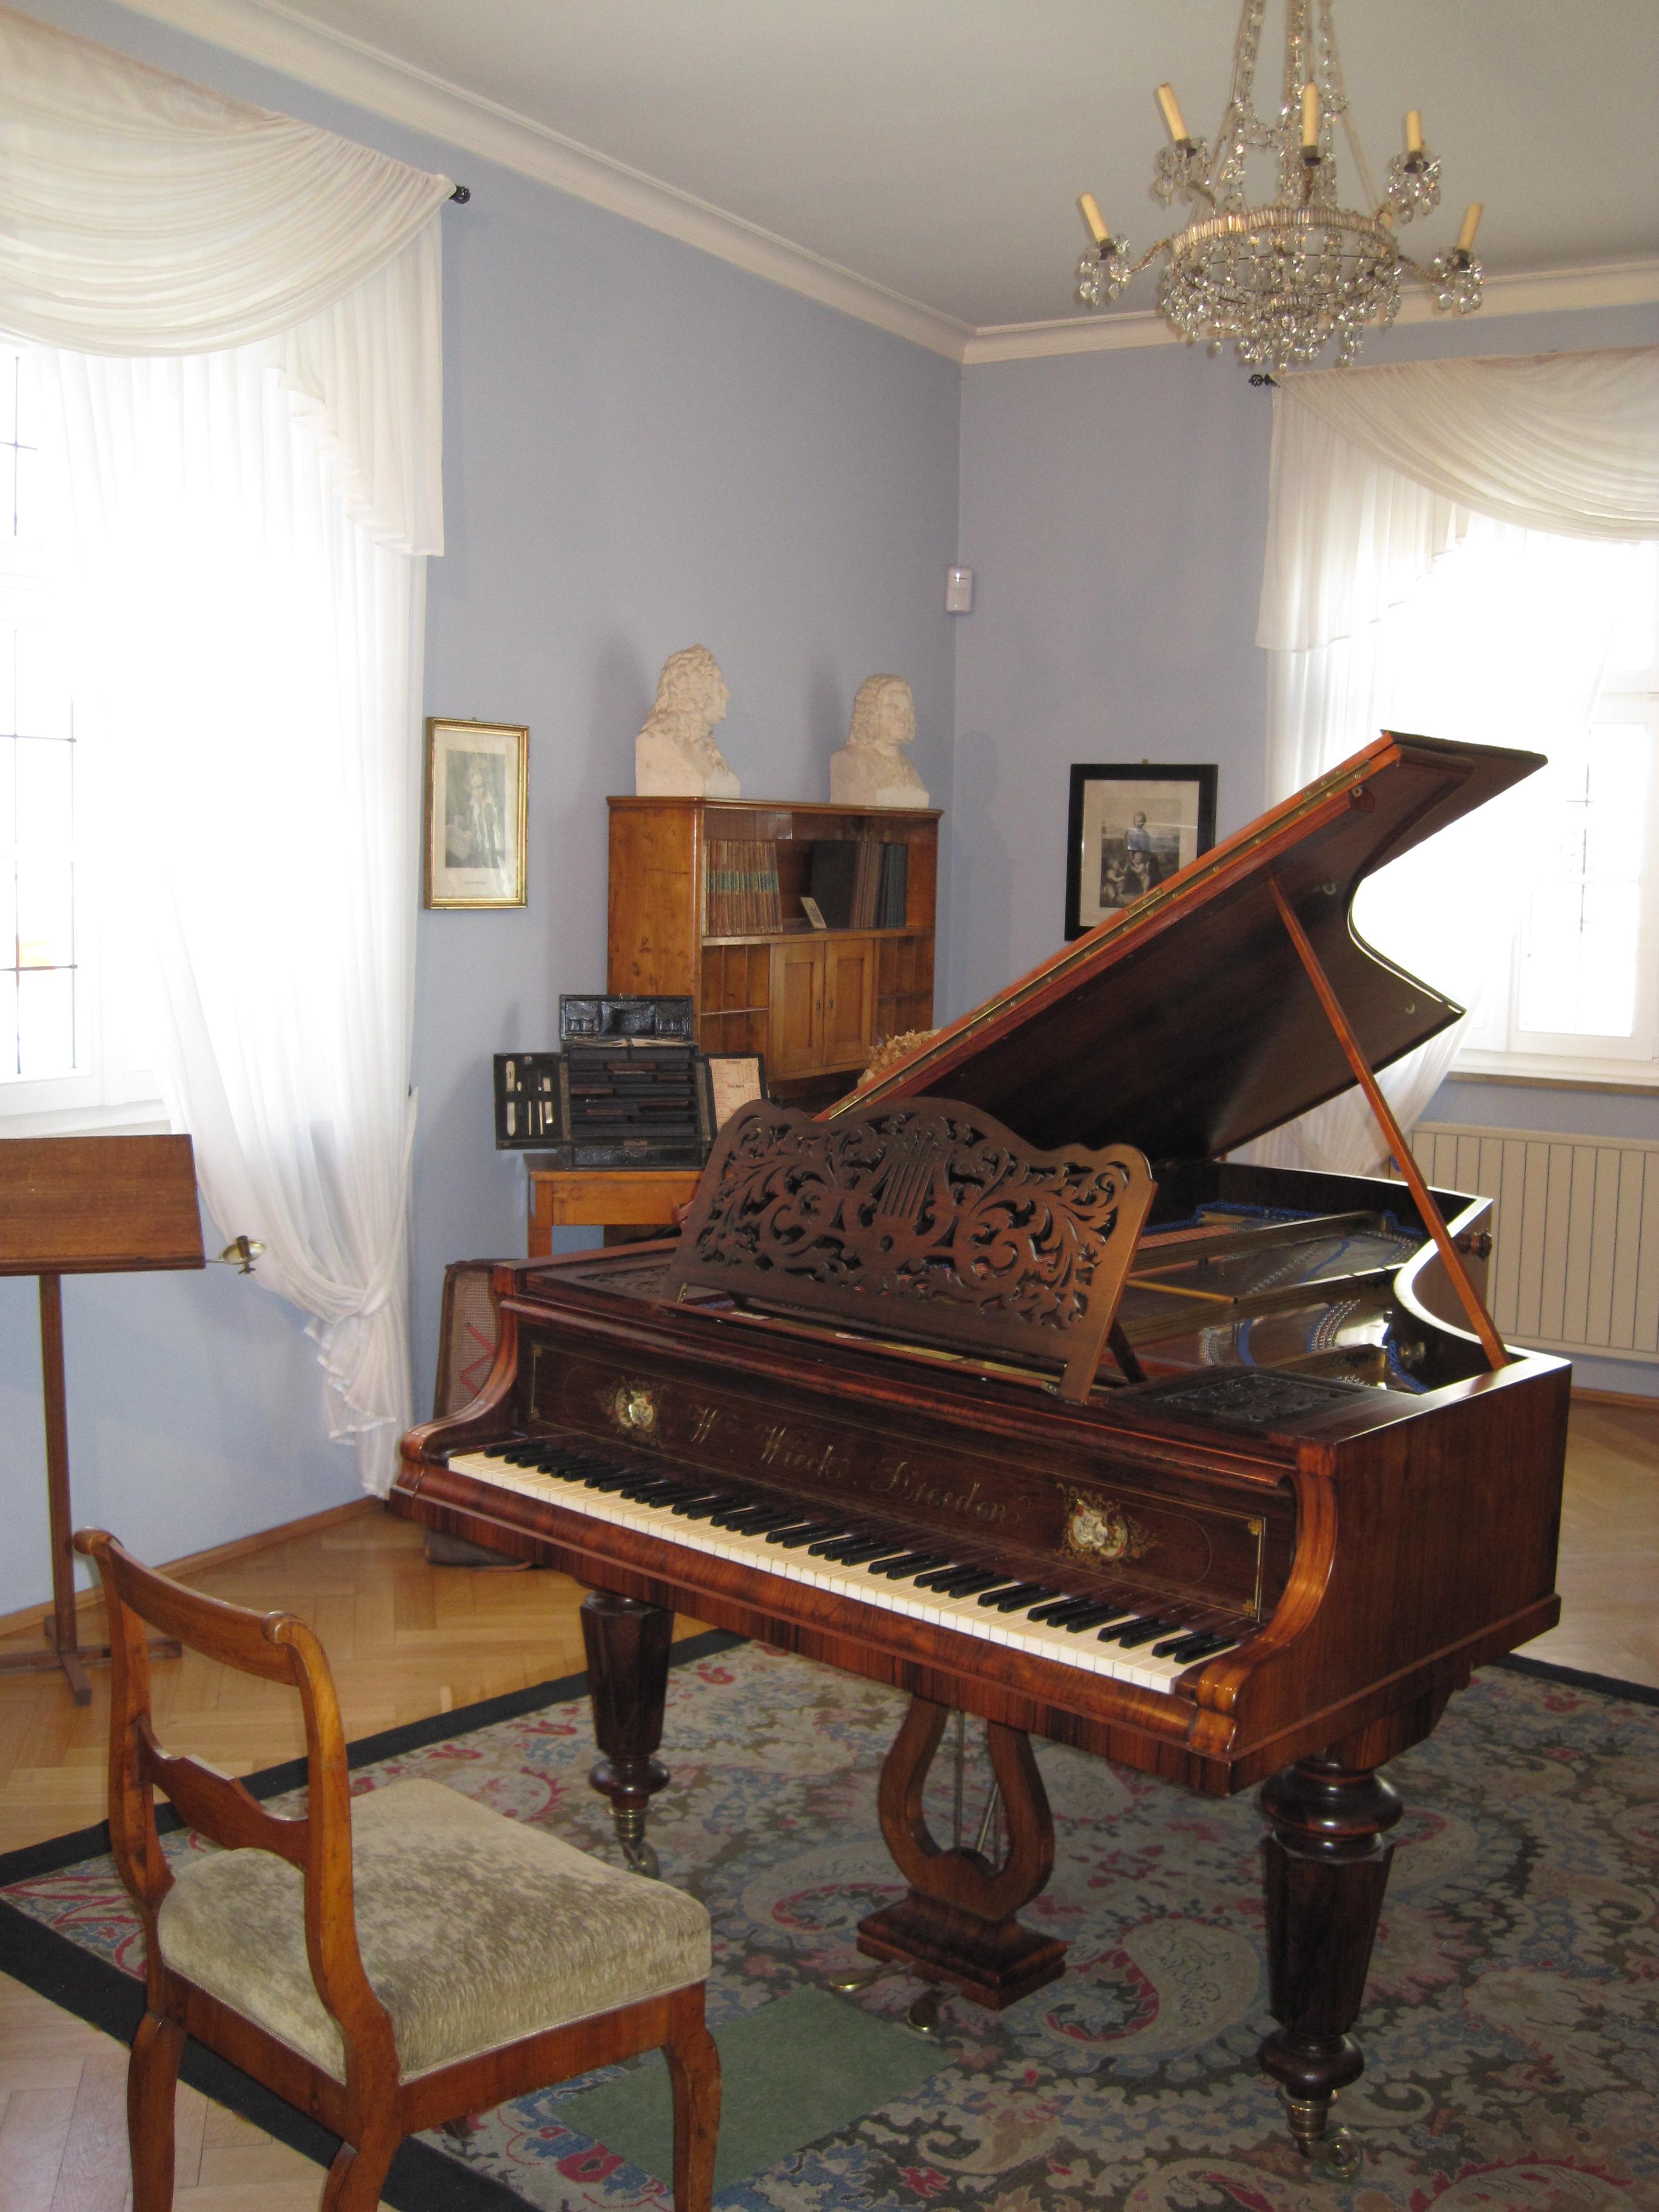 Sala de Música de Robert Schumann en Zwickau Museo, Hauptmarkt 5.